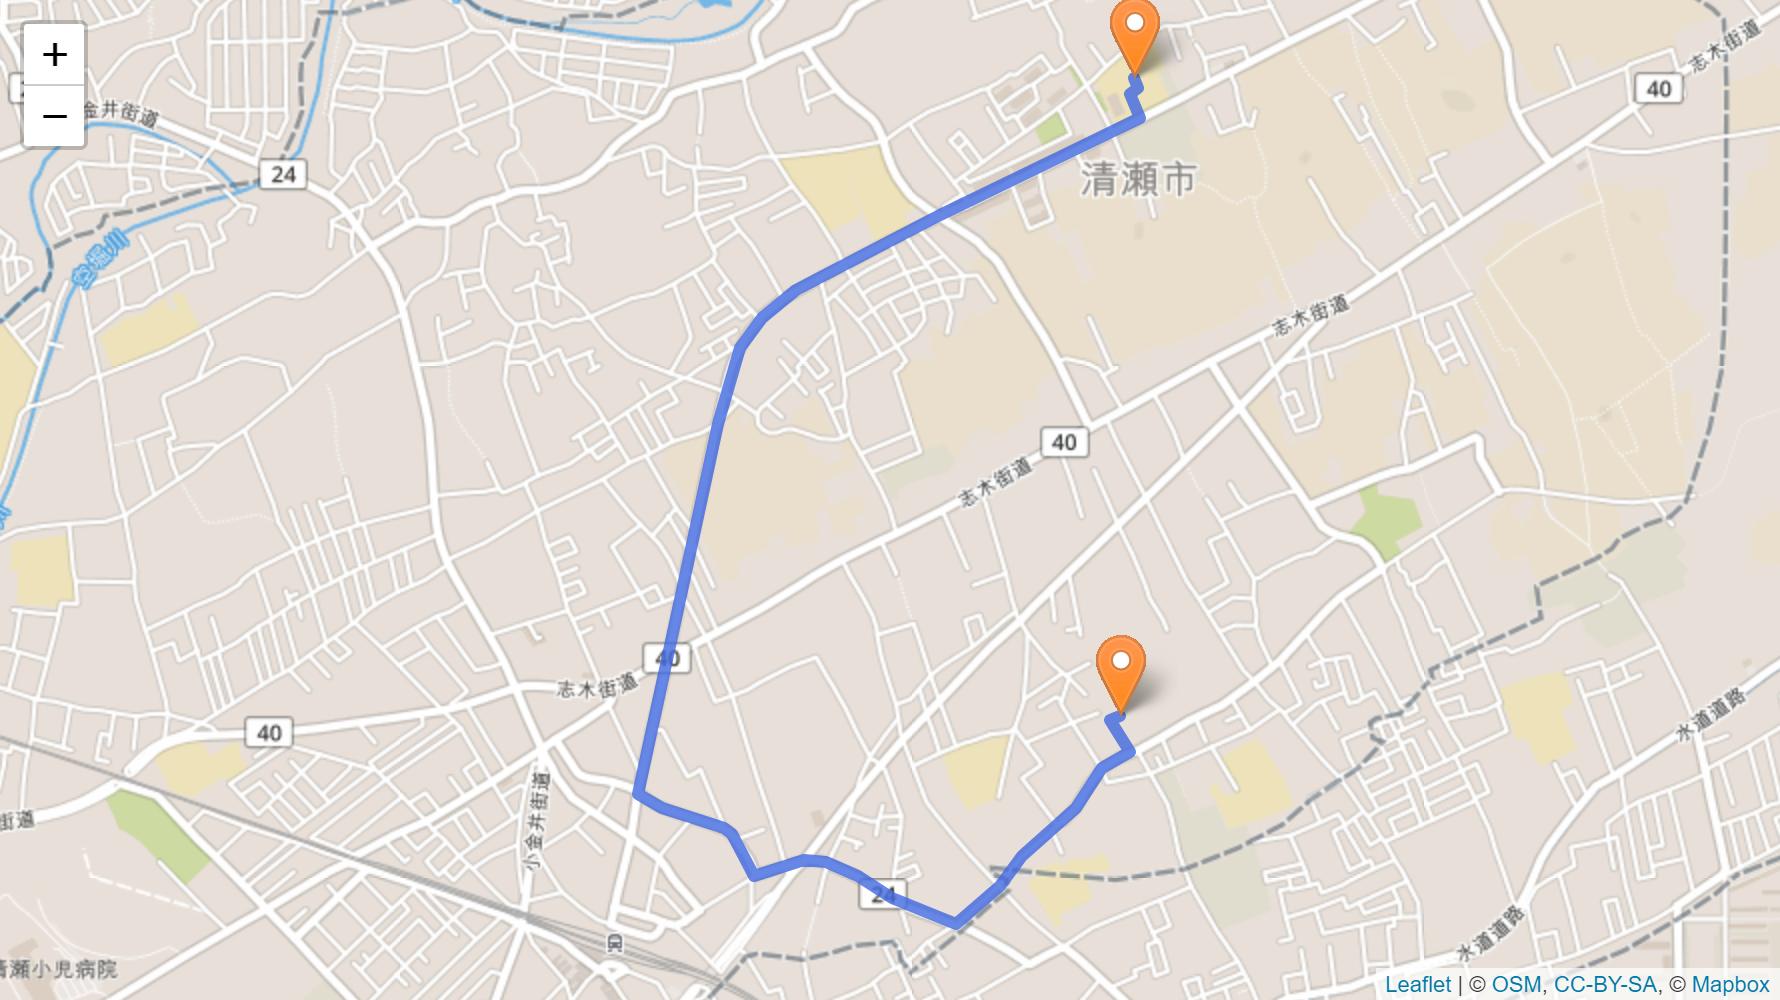 清瀬市 聖火リレーの情報